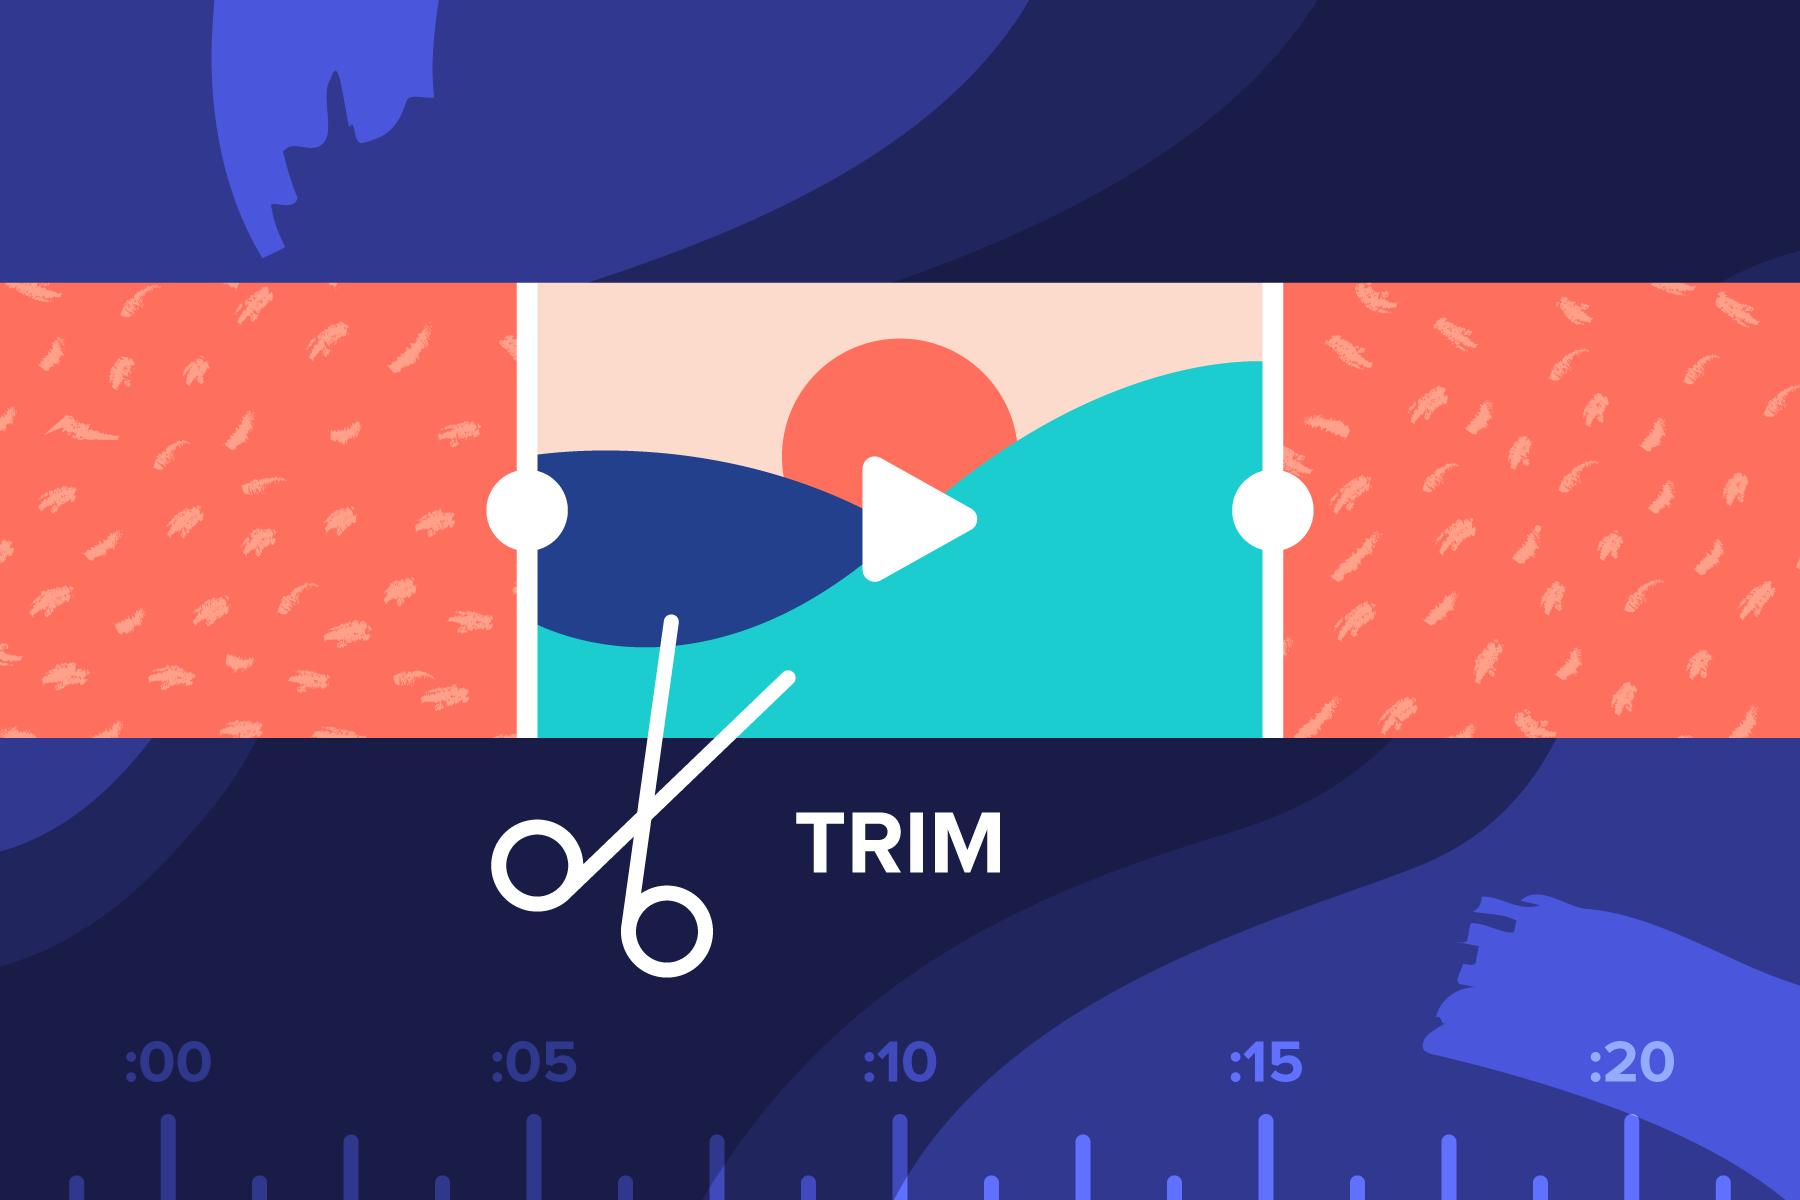 Создание видео для Истаграм, рекомендации как делать качественно